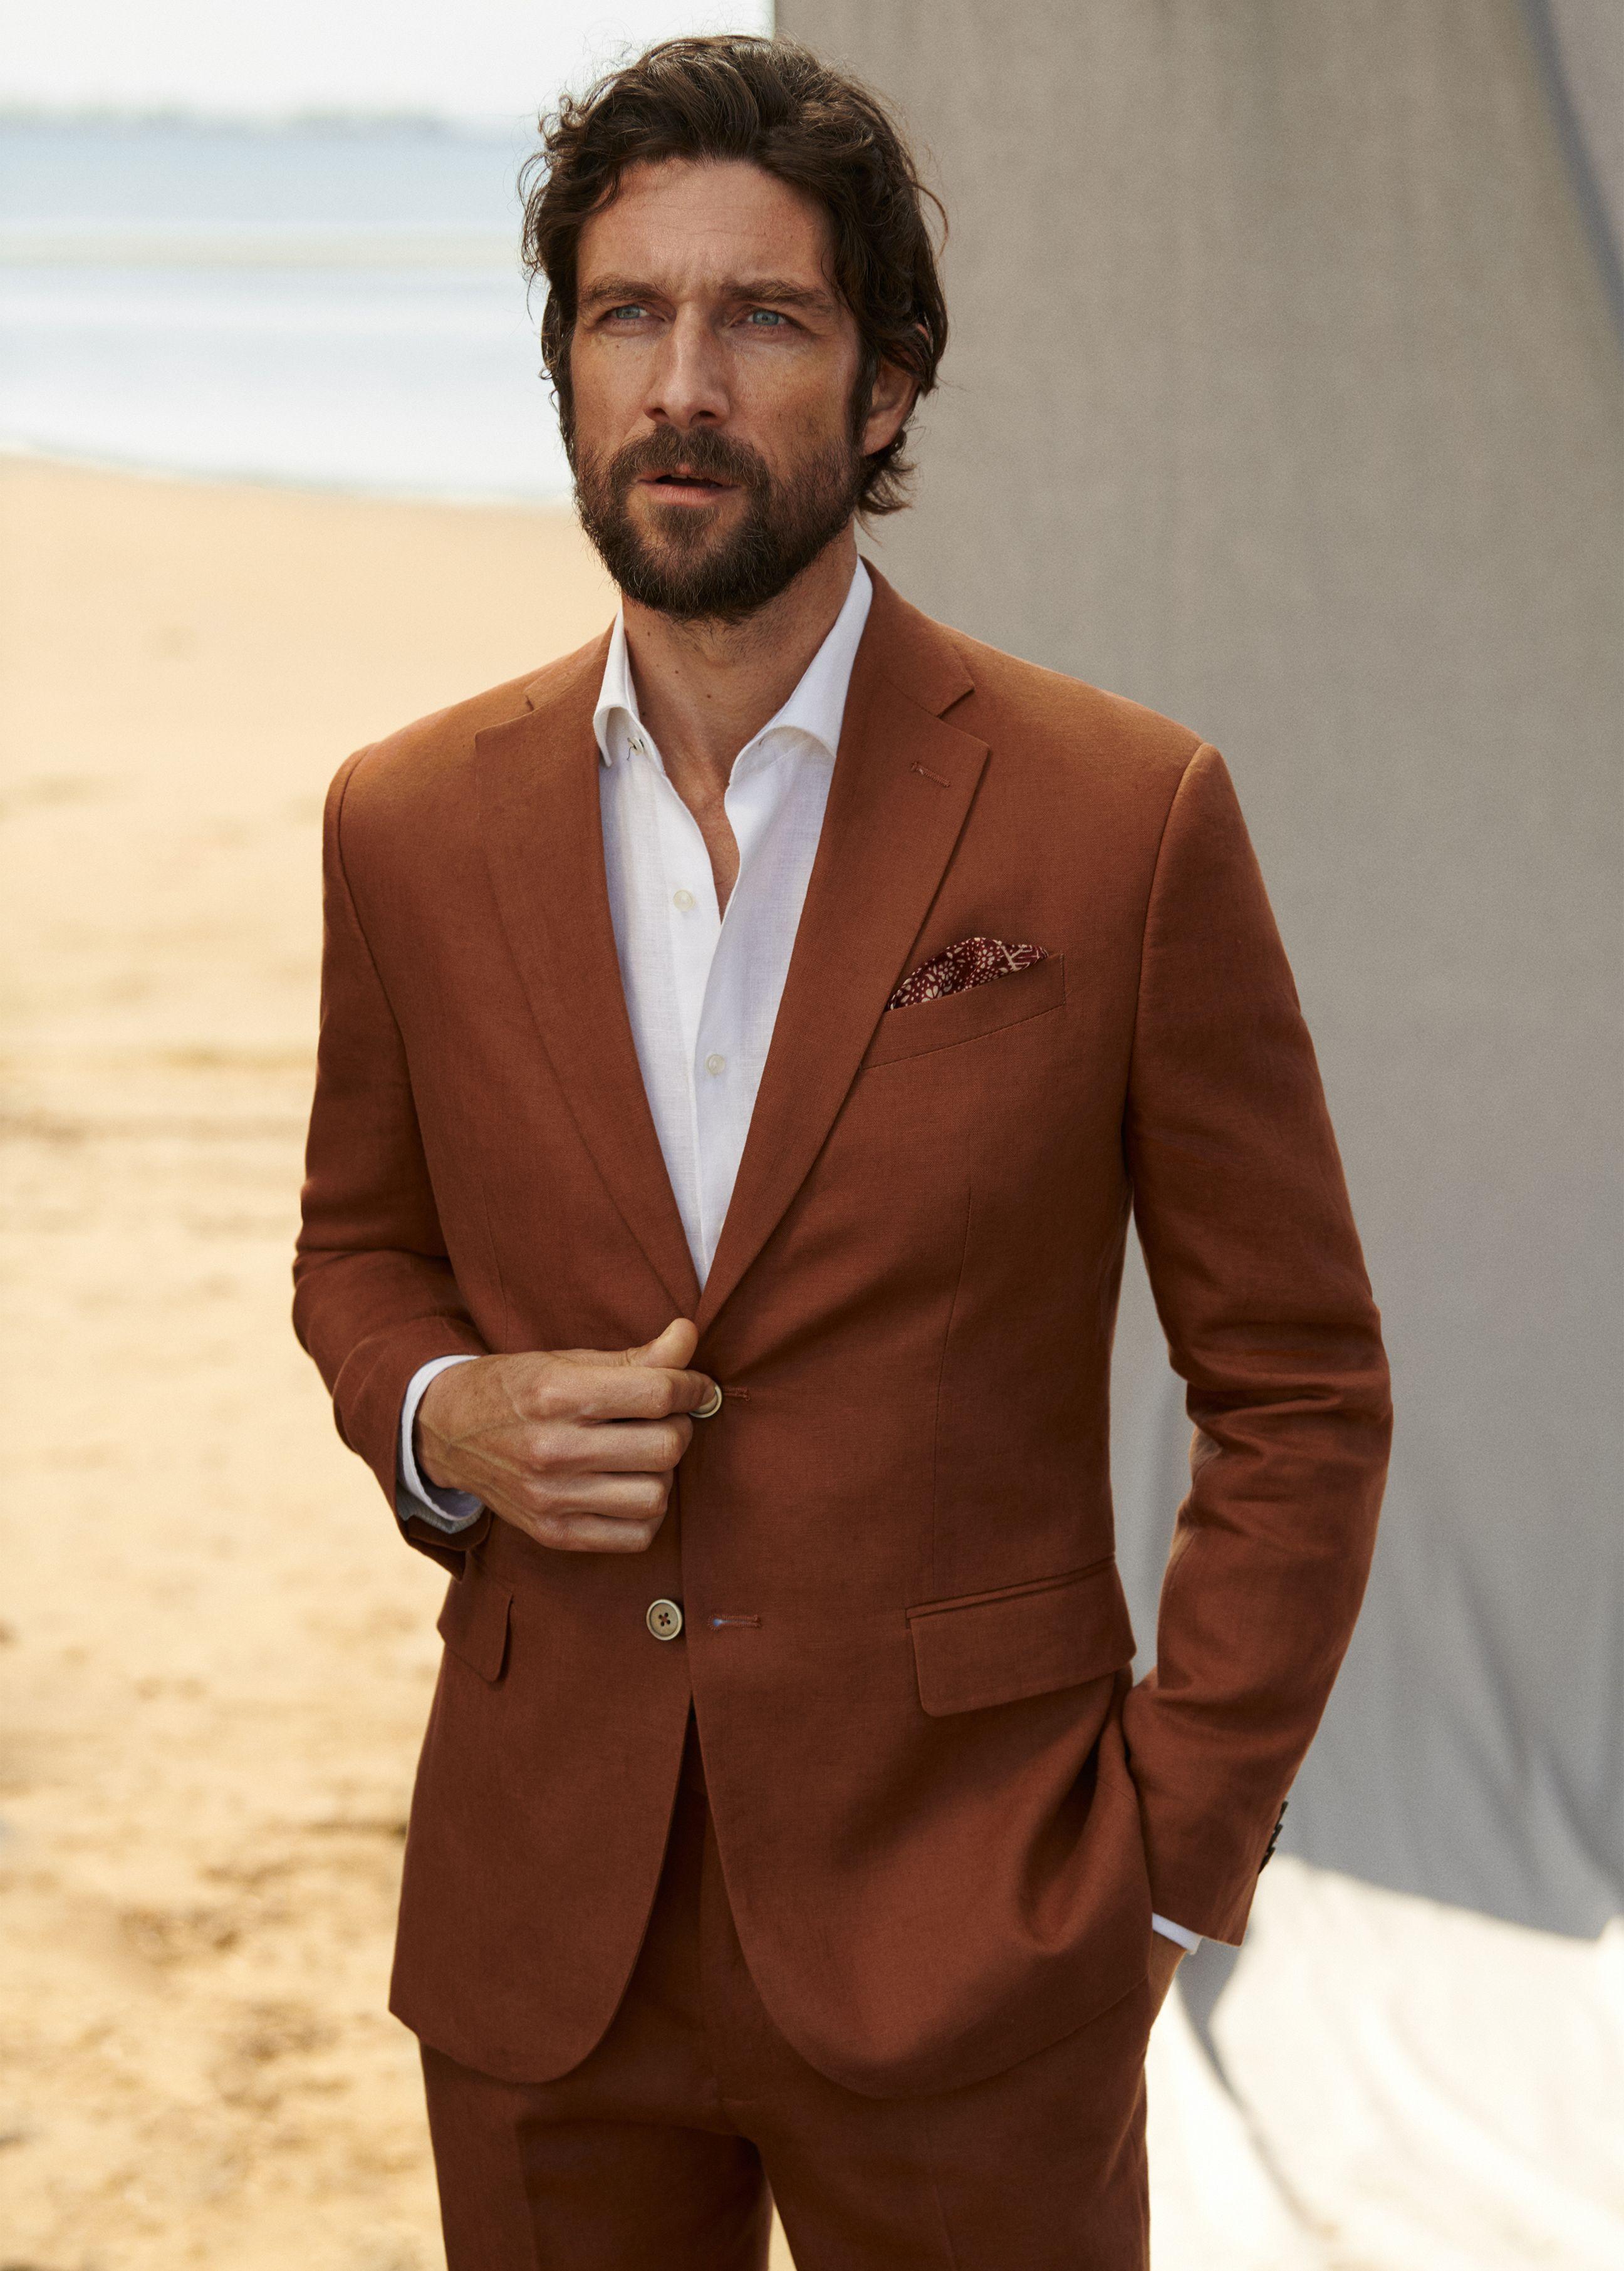 linen short sleeve shirt men in suit styles